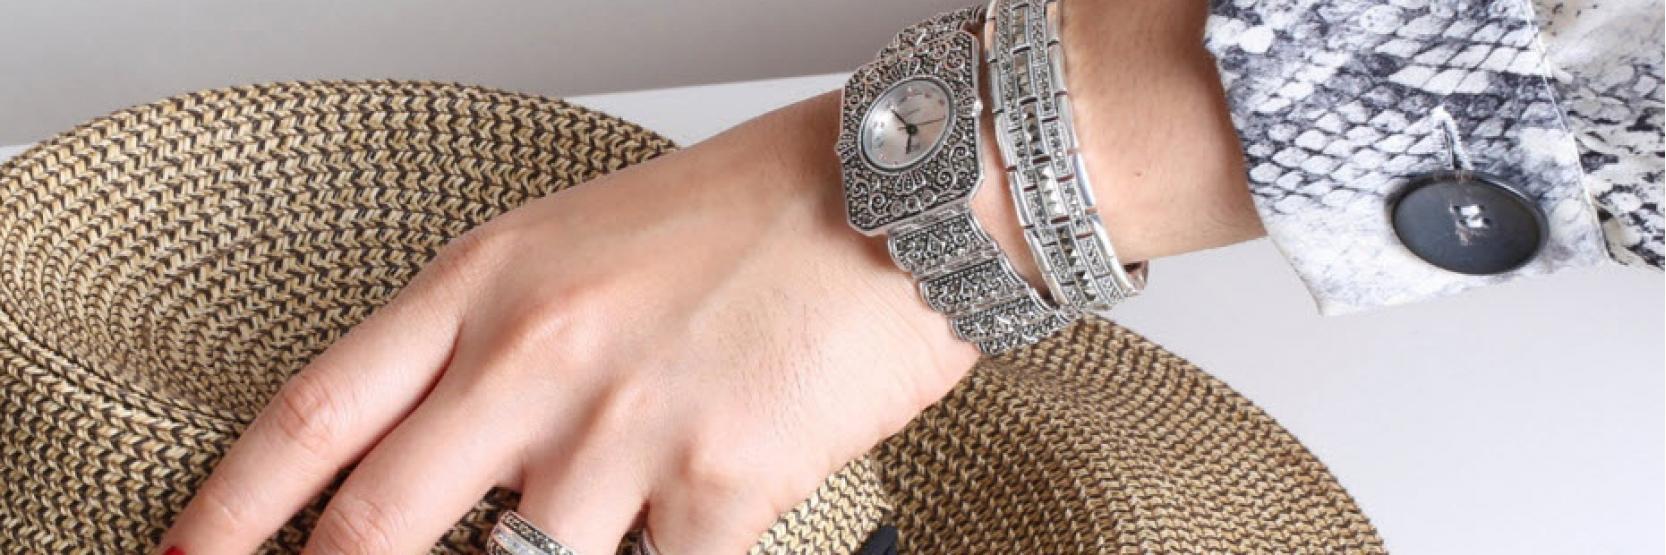 أفكار لإرتداء ساعة اليد  بأناقة